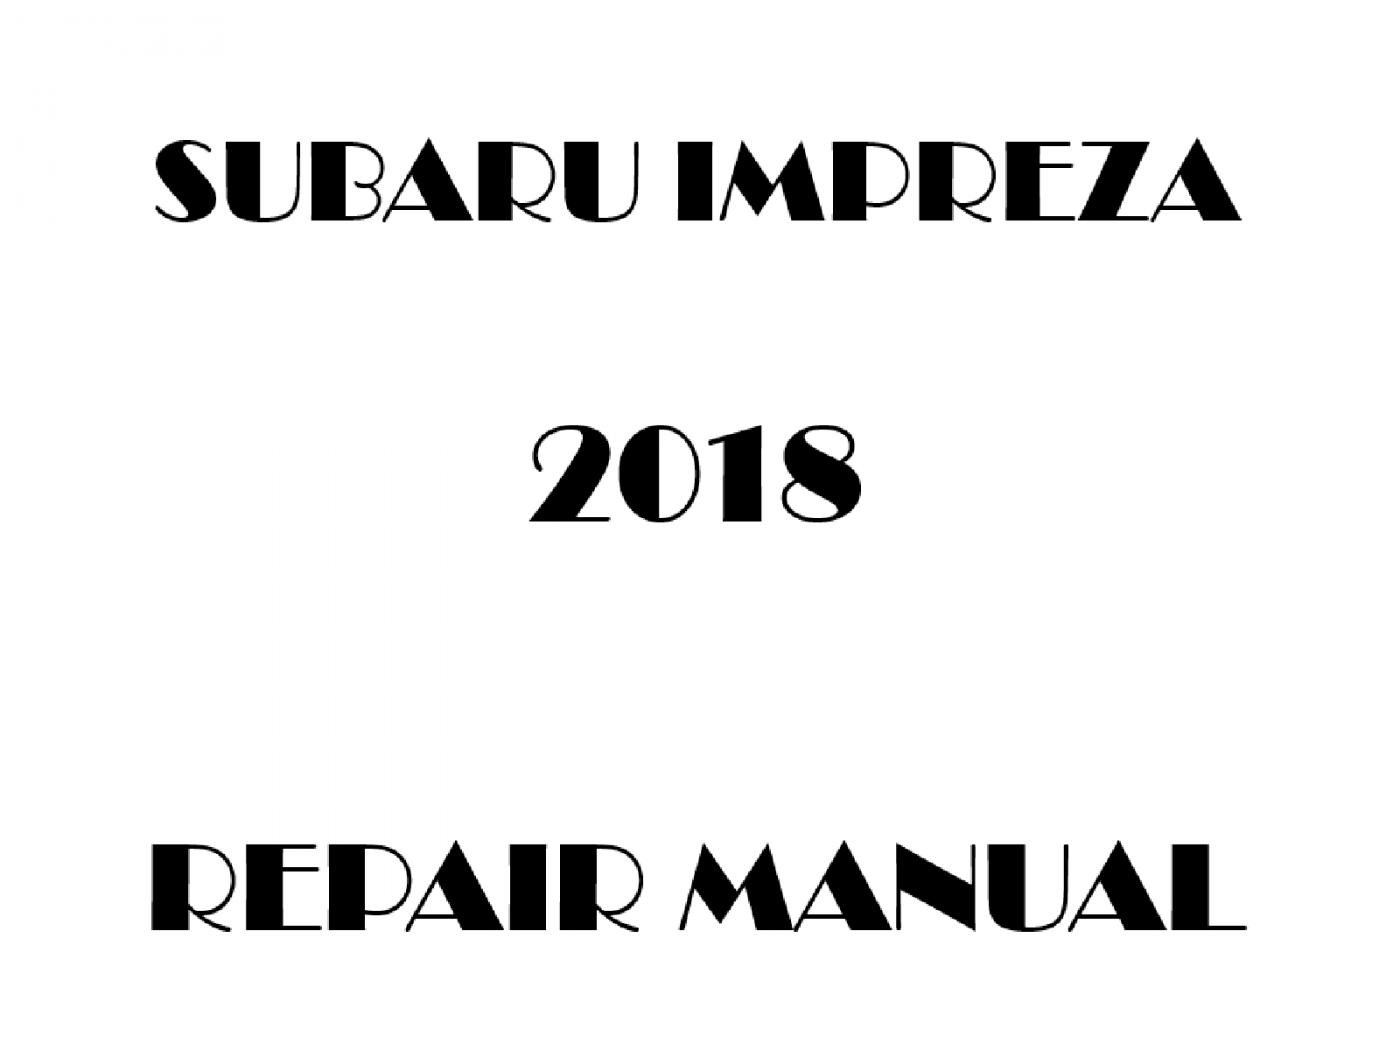 2018 Subaru Impreza repair manual